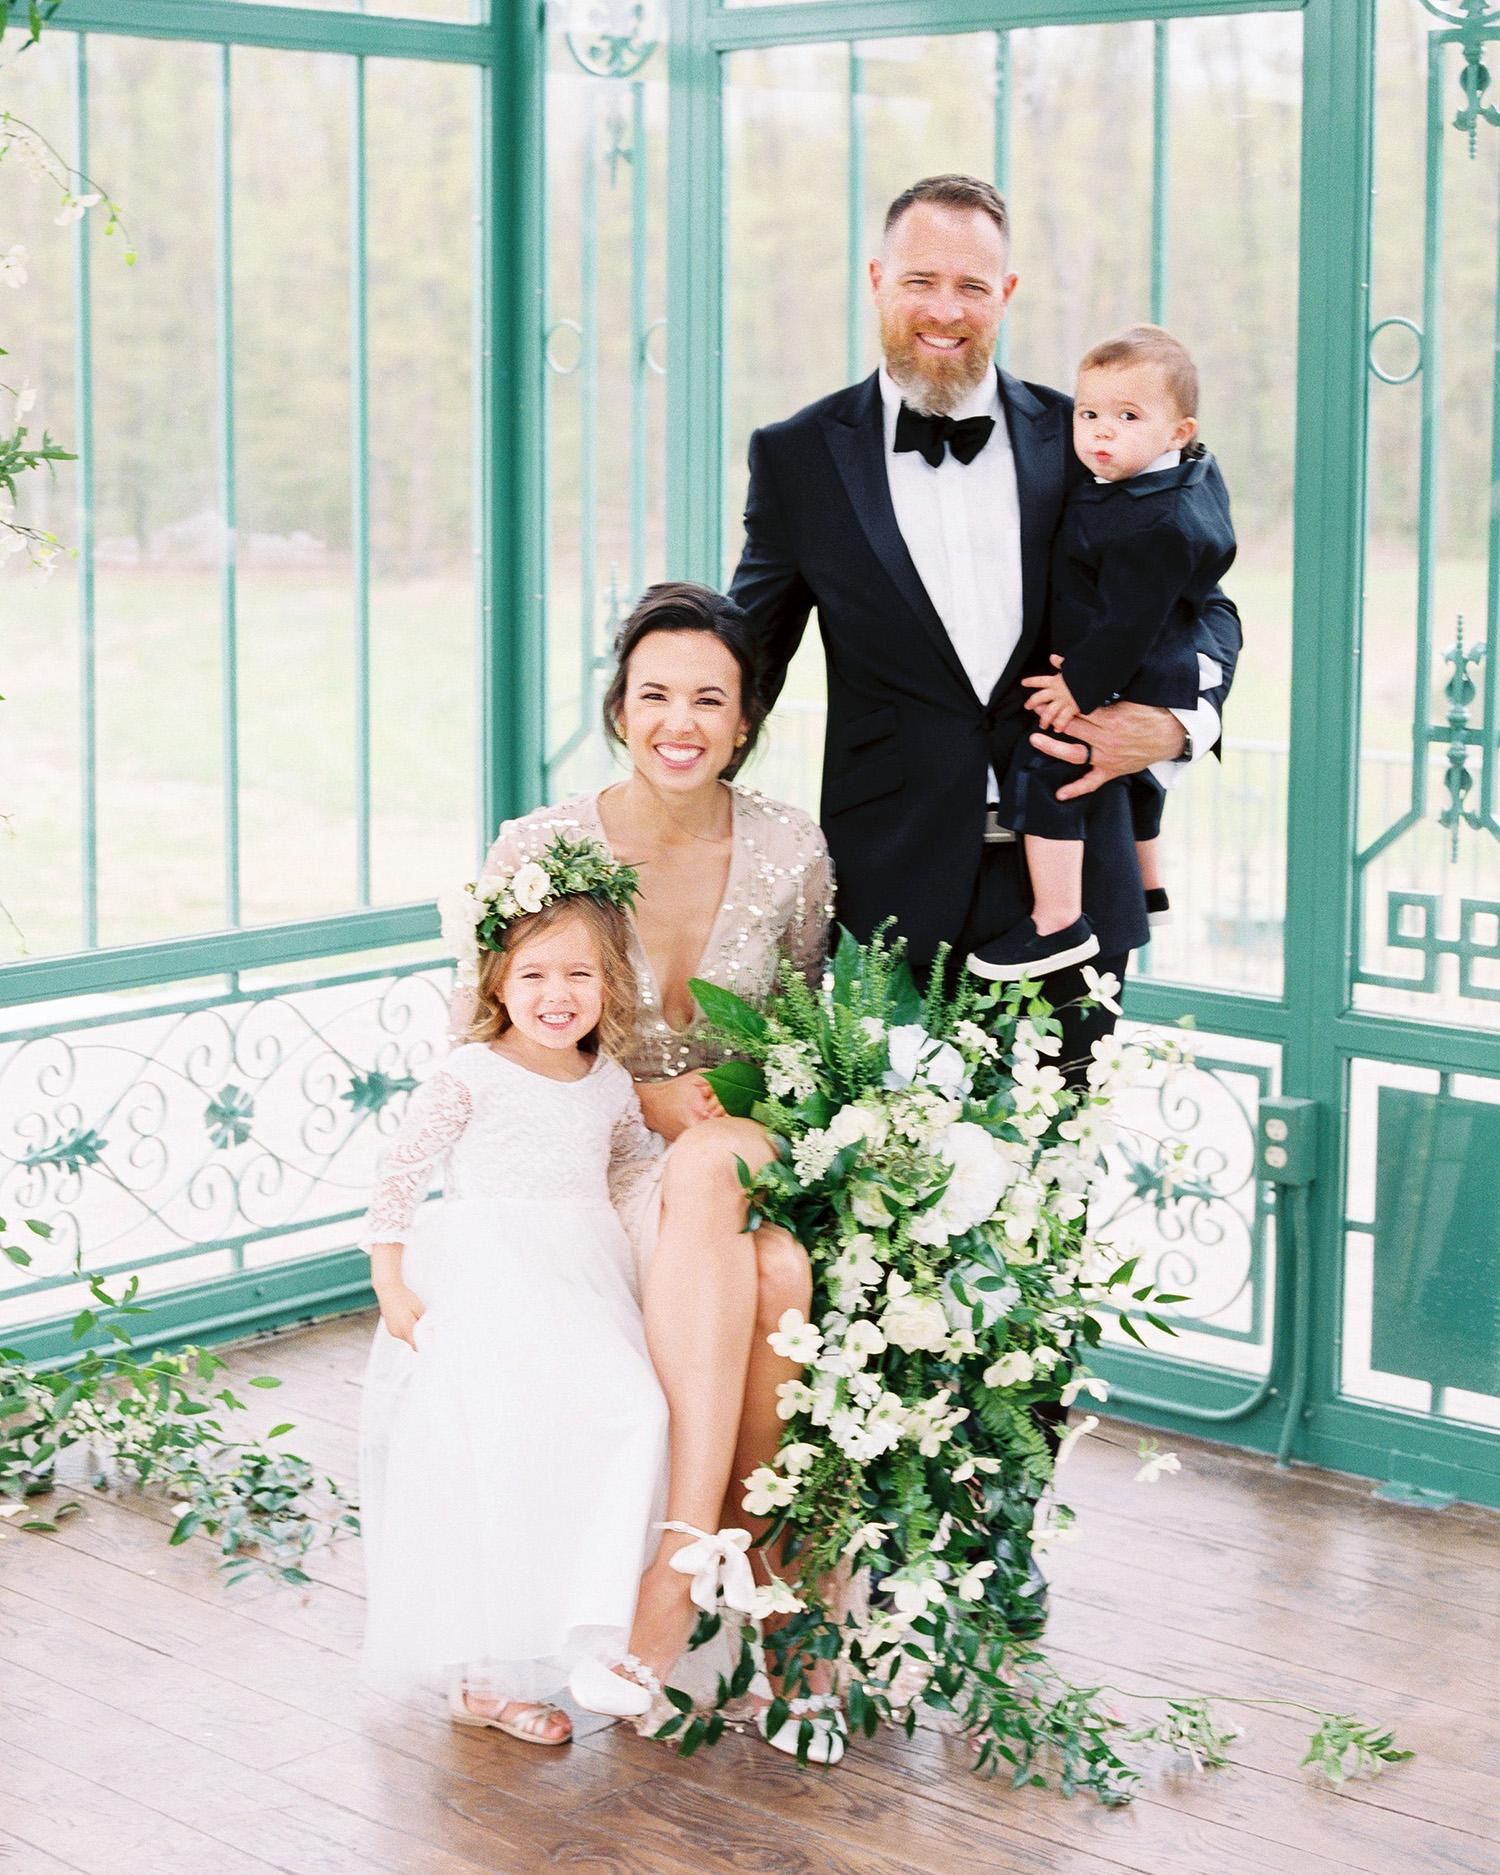 evan dustin vow renewal family bride groom kids